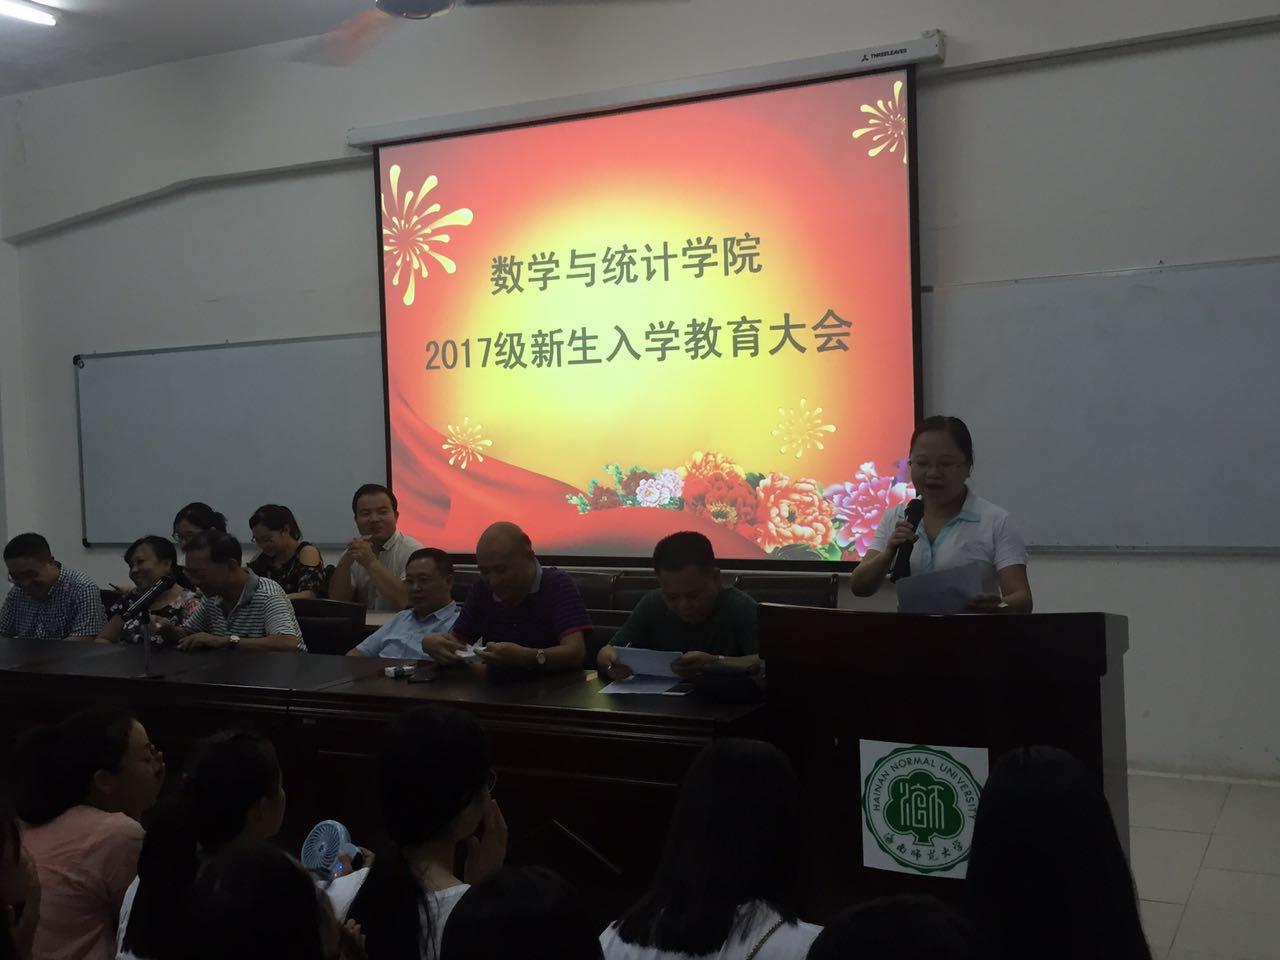 无悔青春,为梦出发--记海南钱柜777娱乐大学数学与统计学院2017级新生教育大会